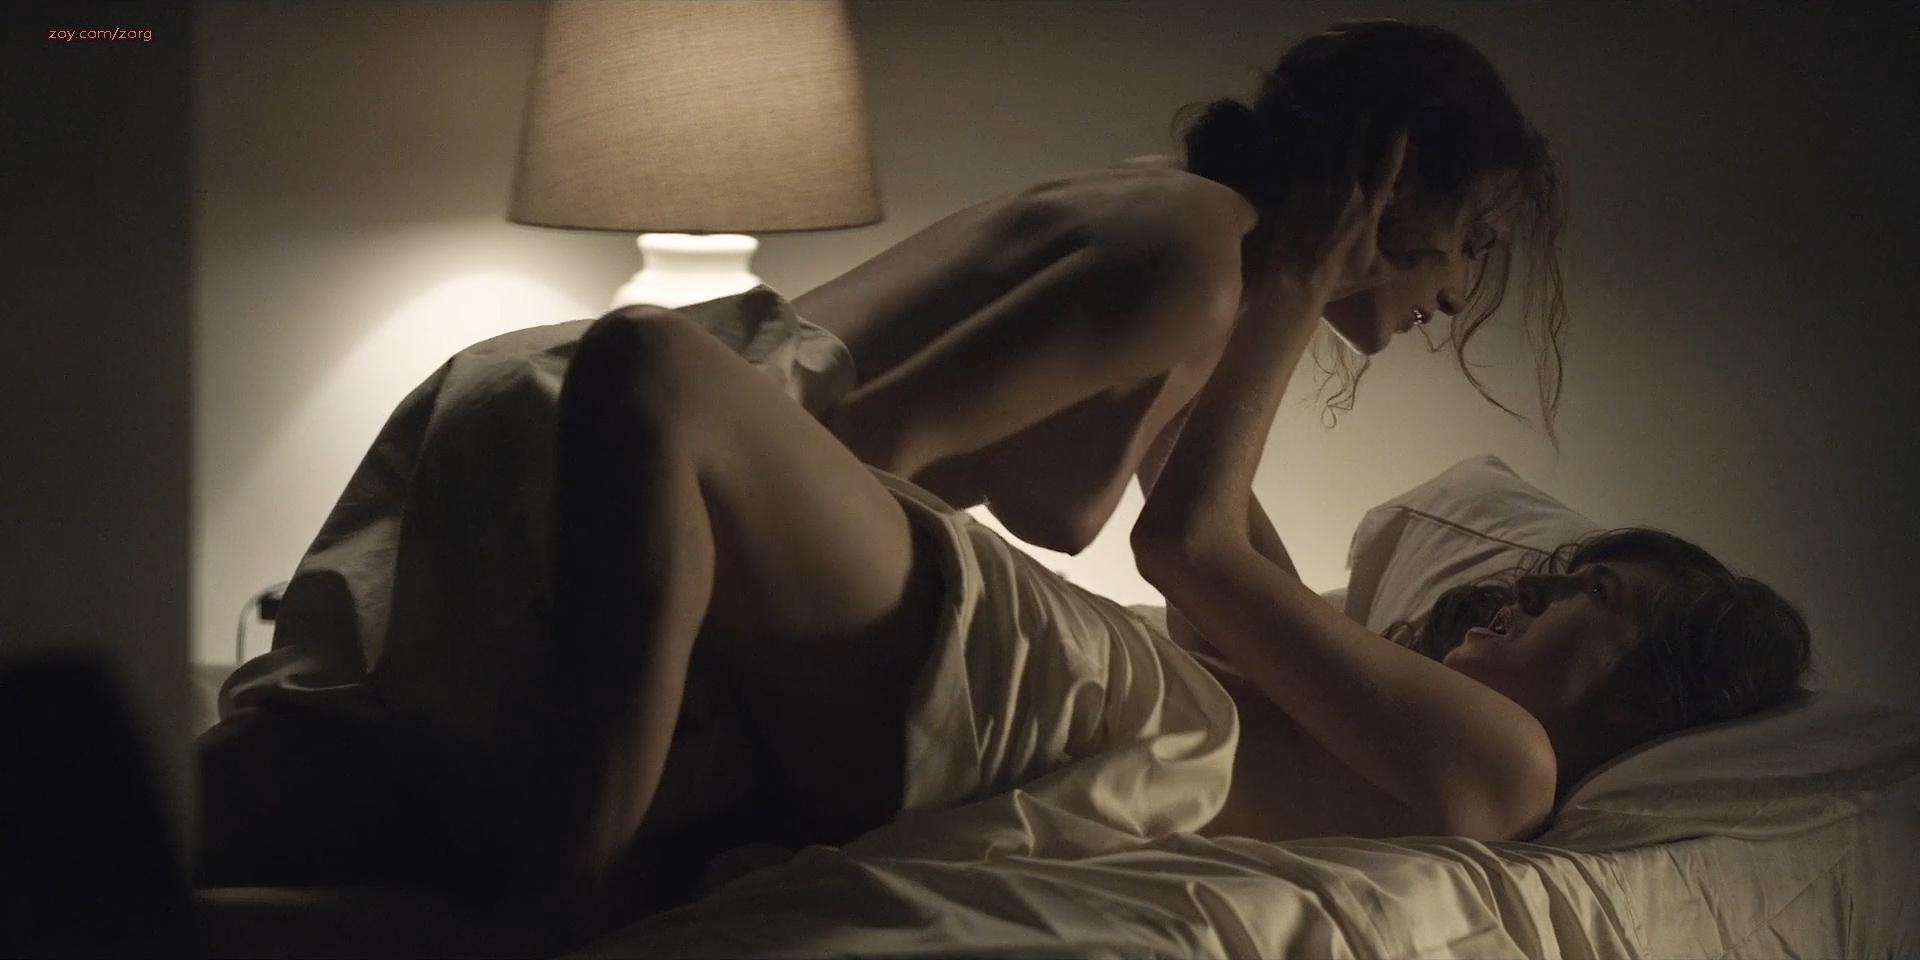 Rachel-Brosnahan-nude-side-boob-House-Of-Cards-2013-s02e6-HD-1080p-4.jpg